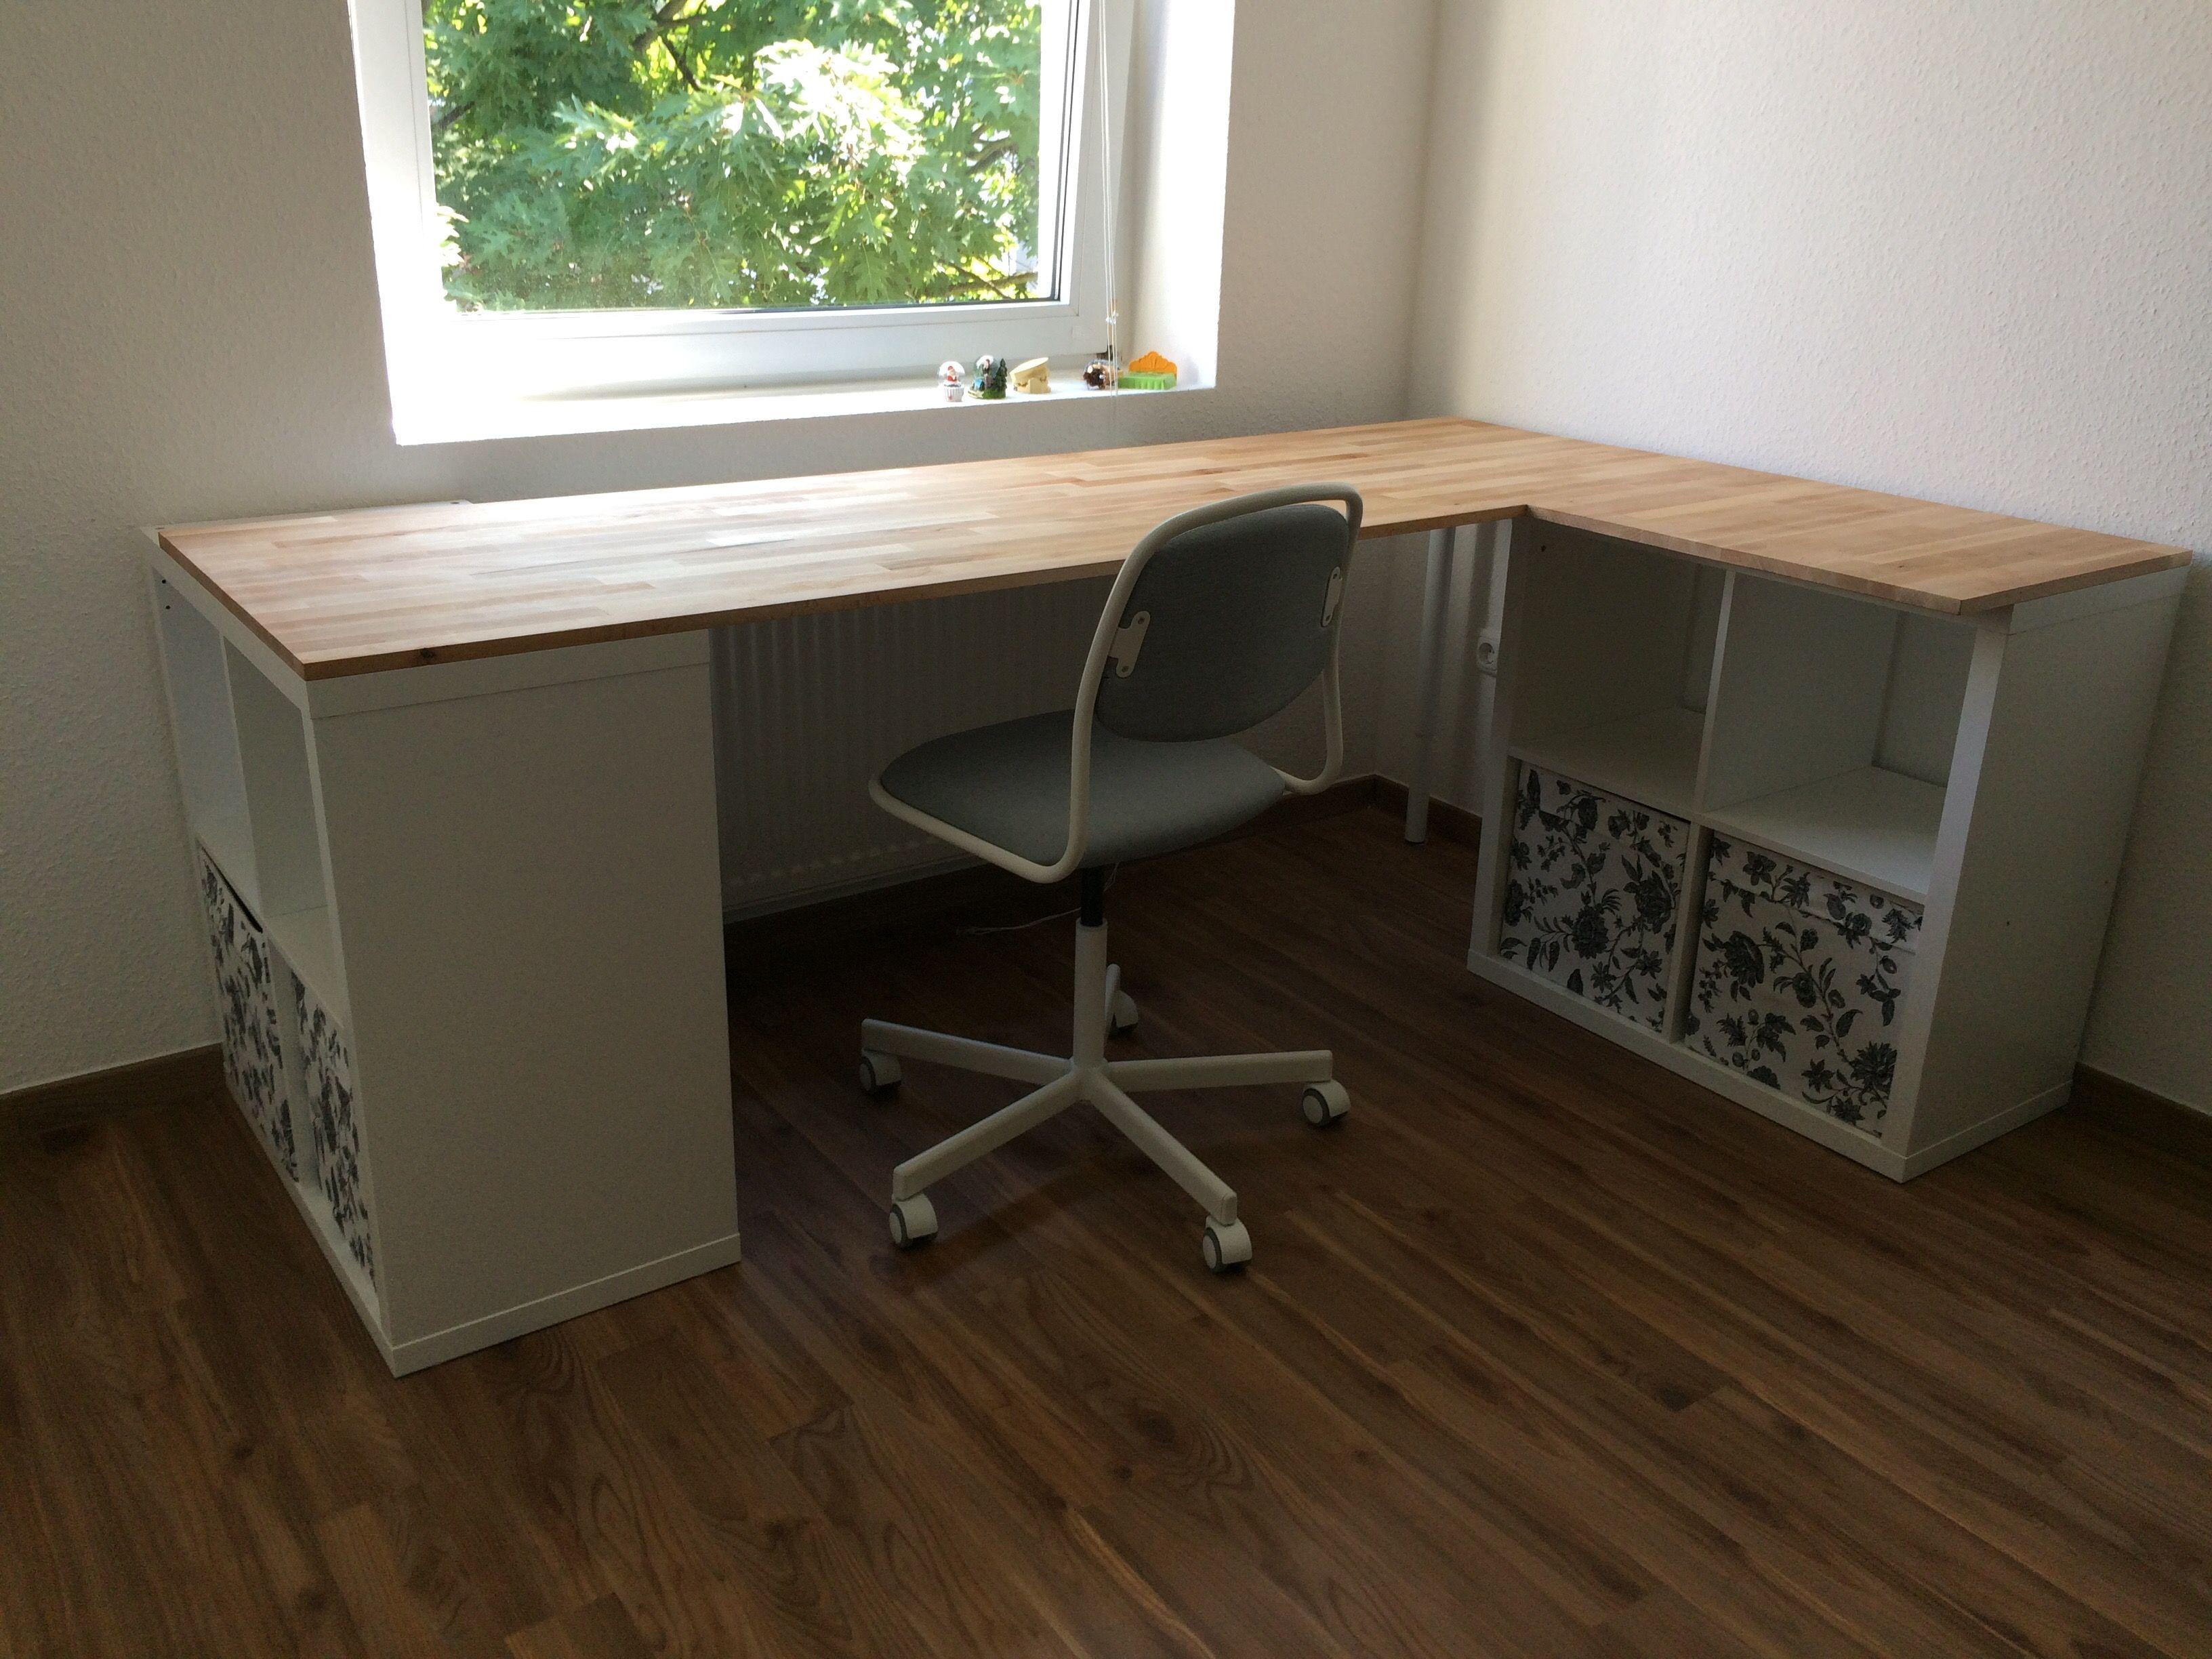 Ikea Schreibtisch Holz 2021